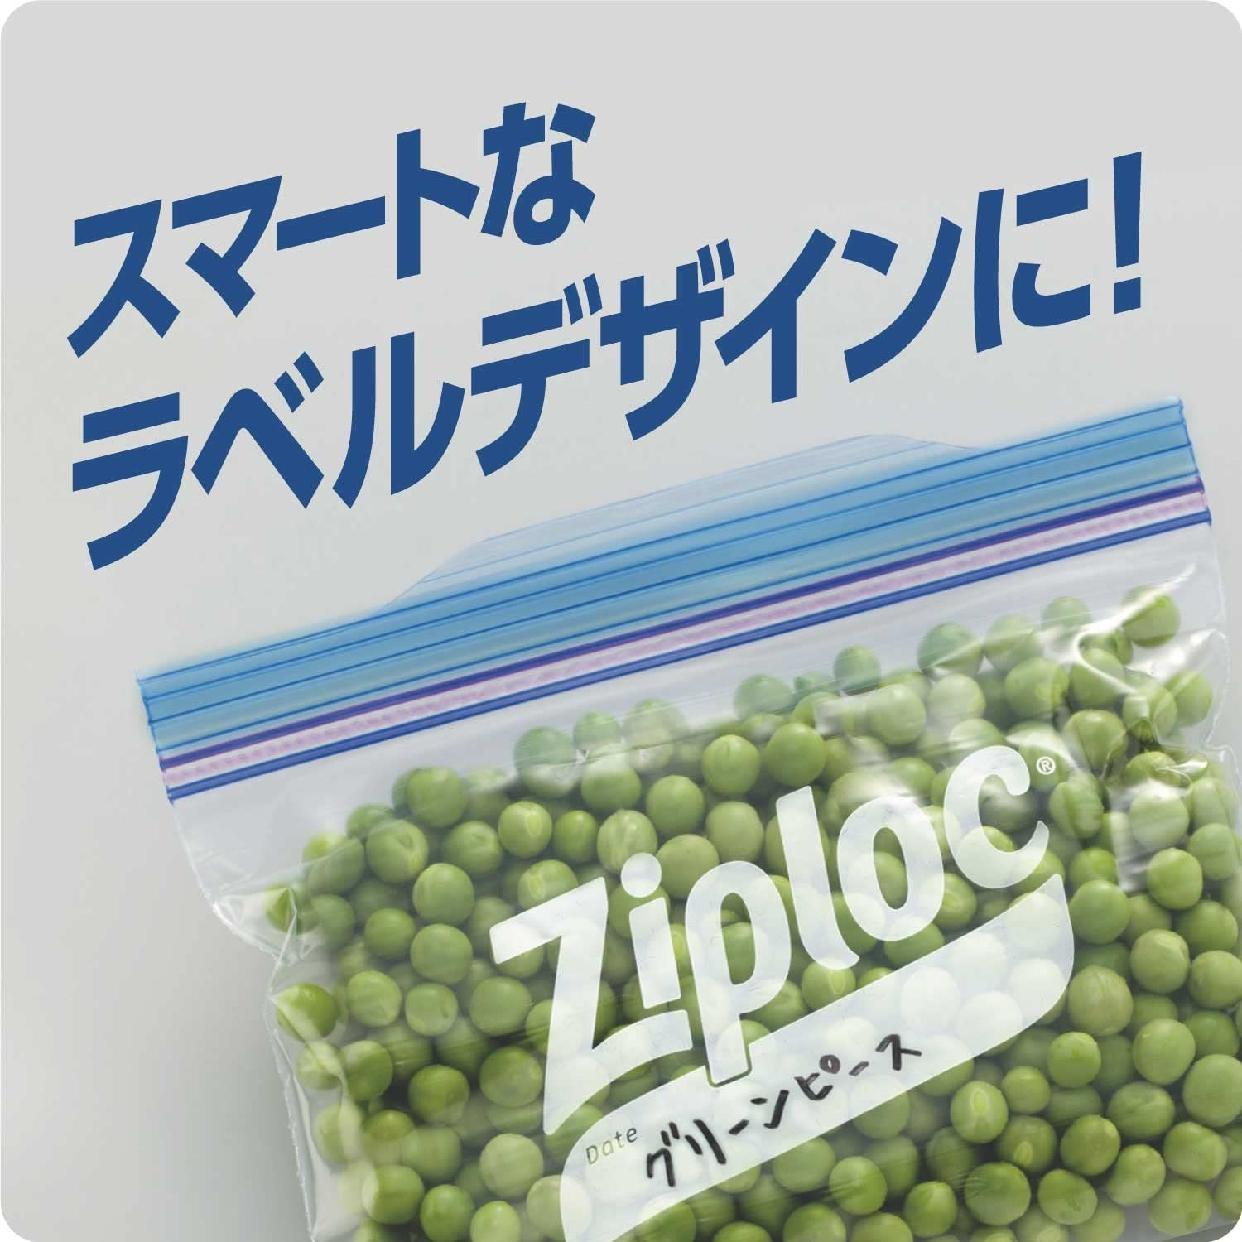 Ziploc(ジップロック) フリーザーバッグの商品画像5